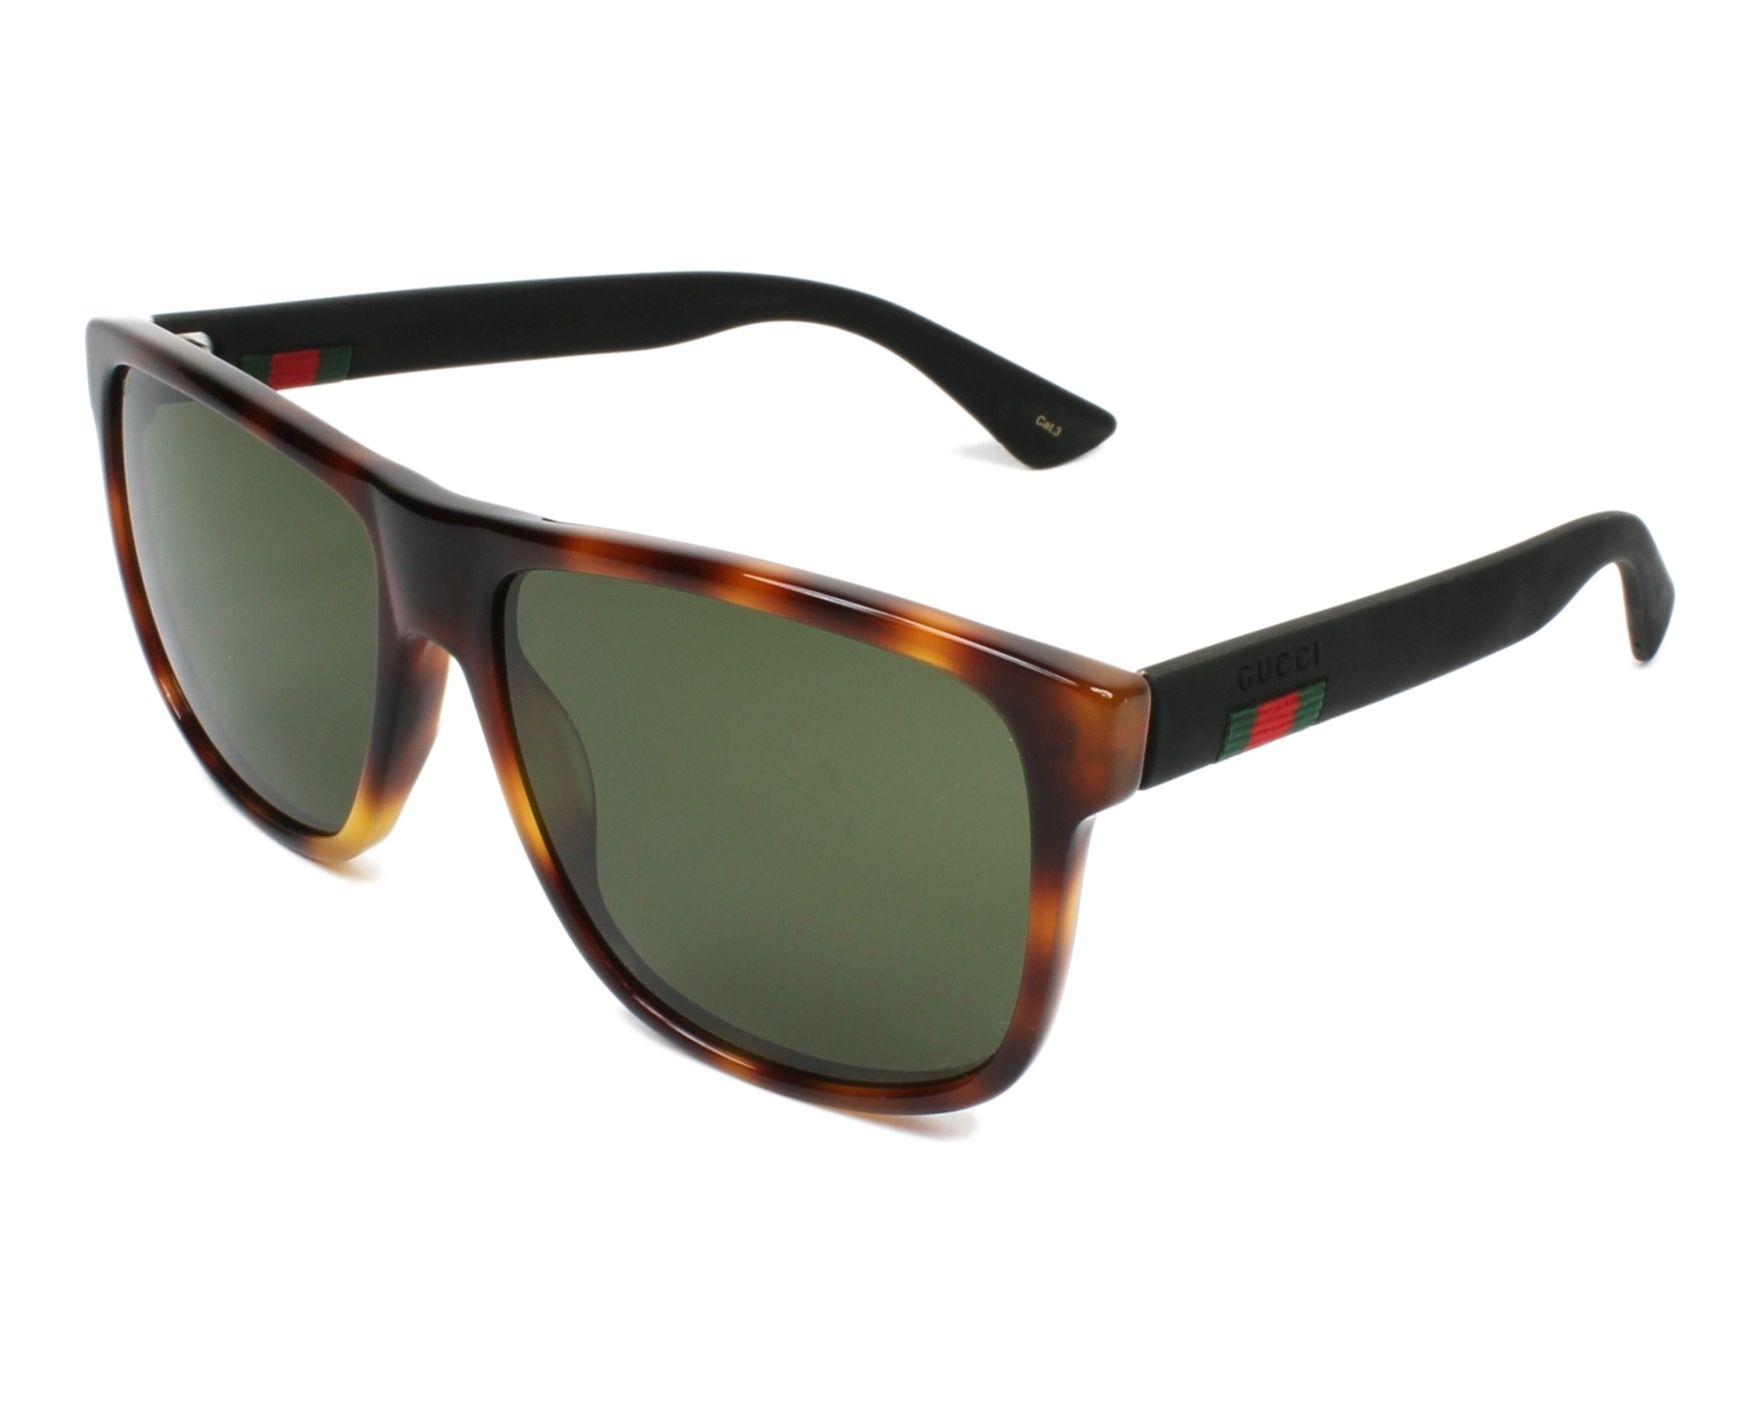 cf22dc19ad4 Sunglasses Gucci GG-0010-S 006 58-16 Havana Black profile view